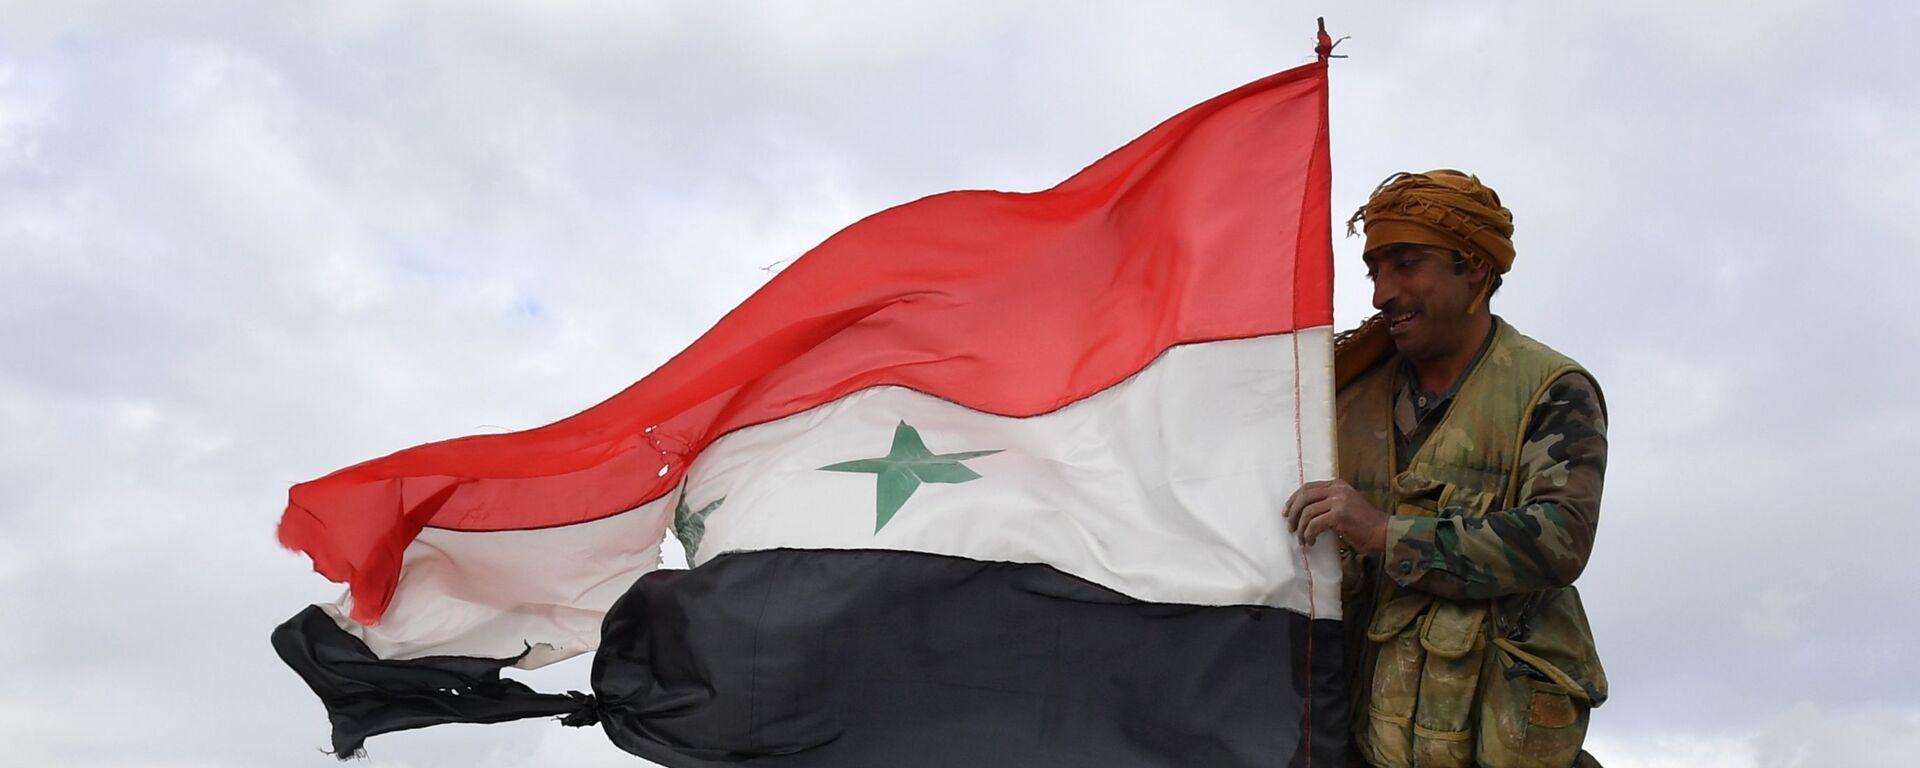 Syrský voják - Sputnik Česká republika, 1920, 08.07.2021